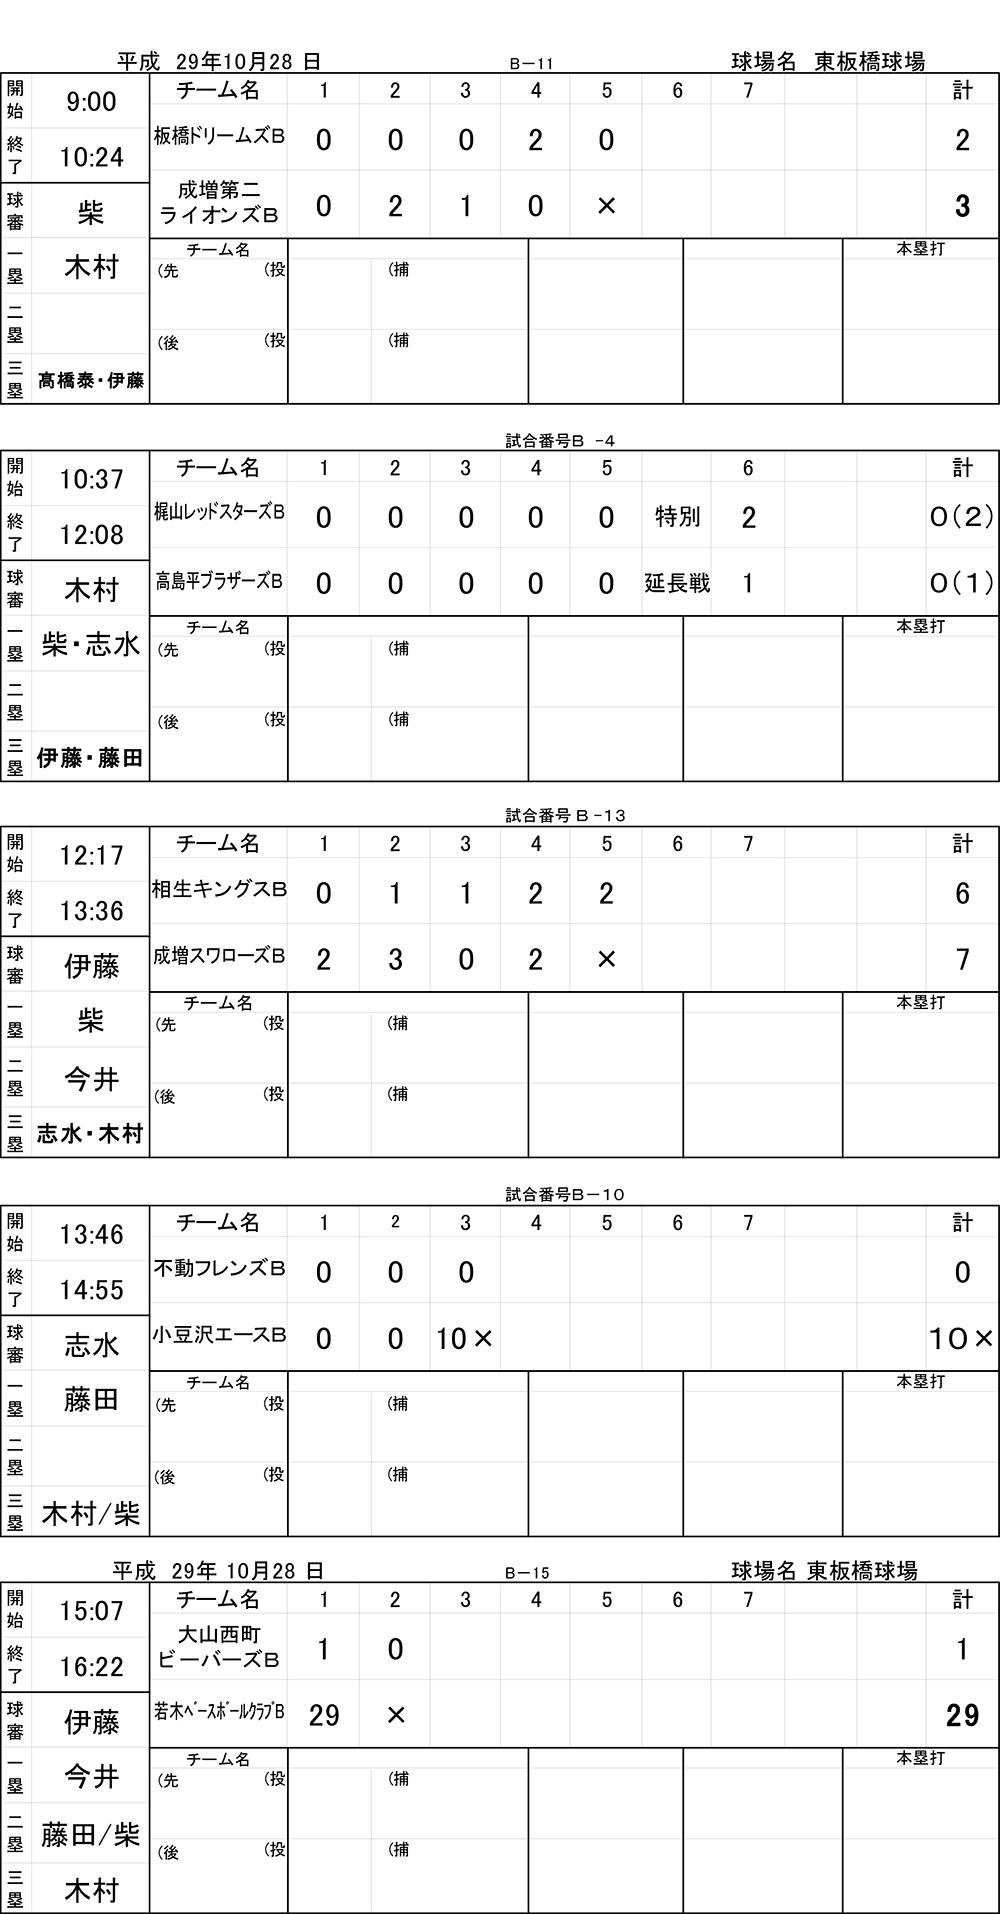 平成29年板橋区第82回秋季大会(10/28)